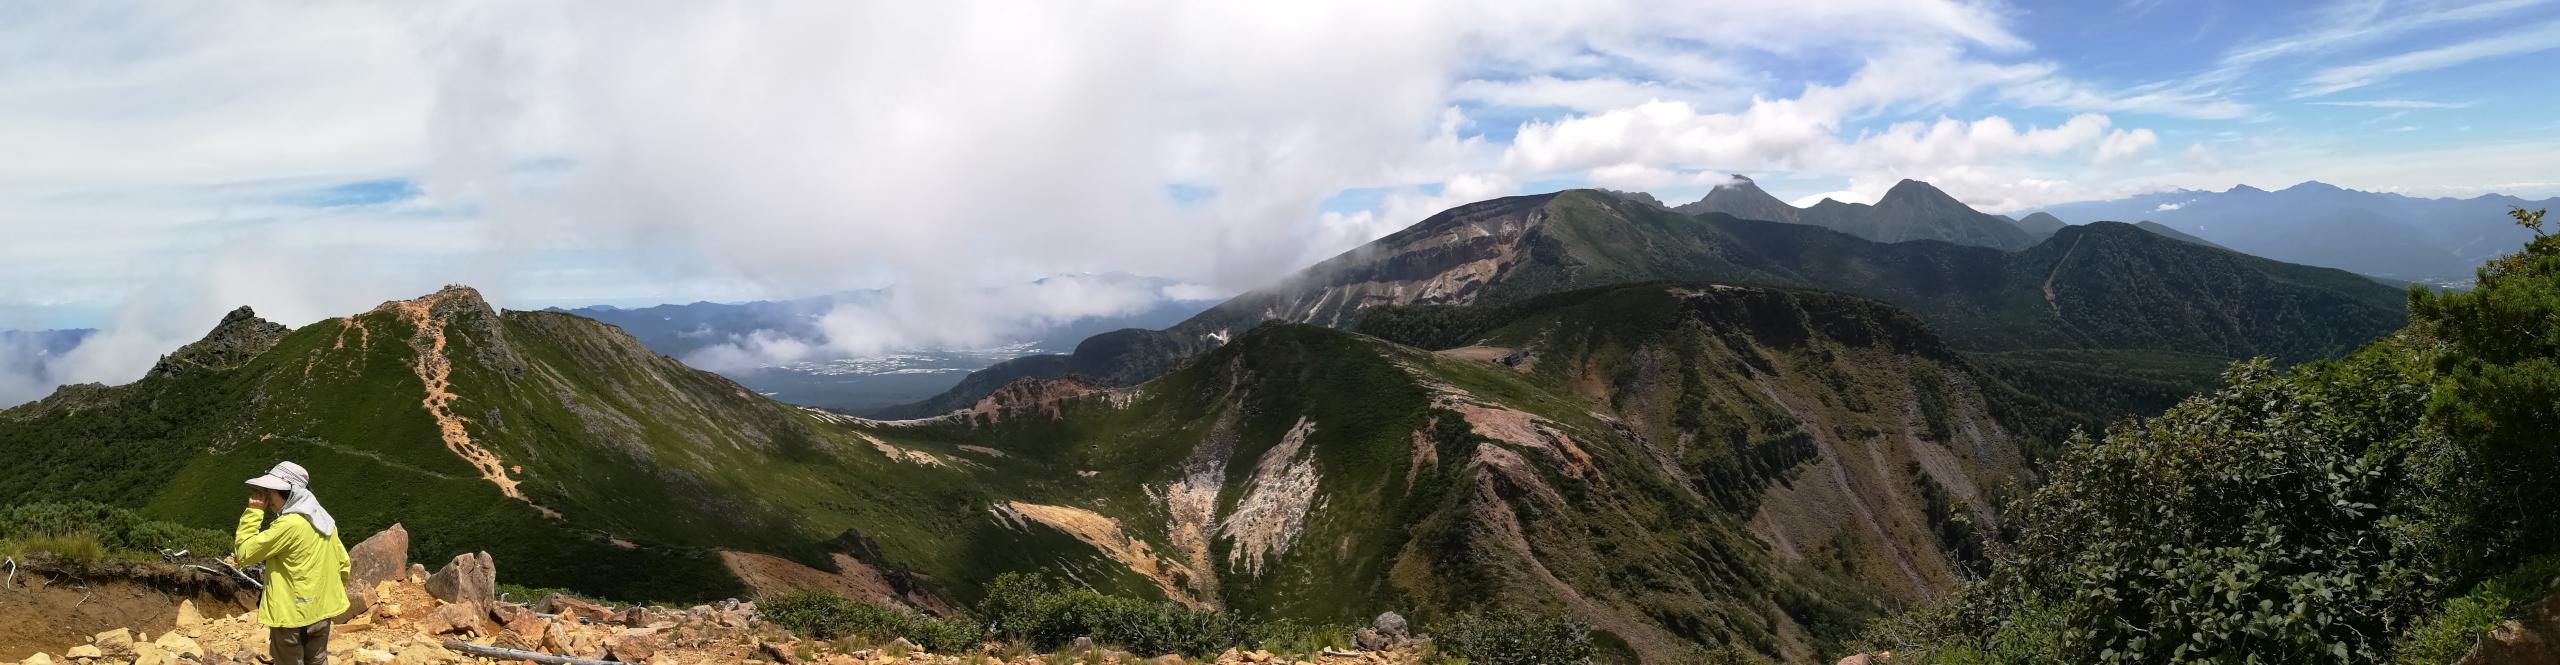 西天狗山頂から東天狗山頂・根石岳・硫黄岳・赤岳